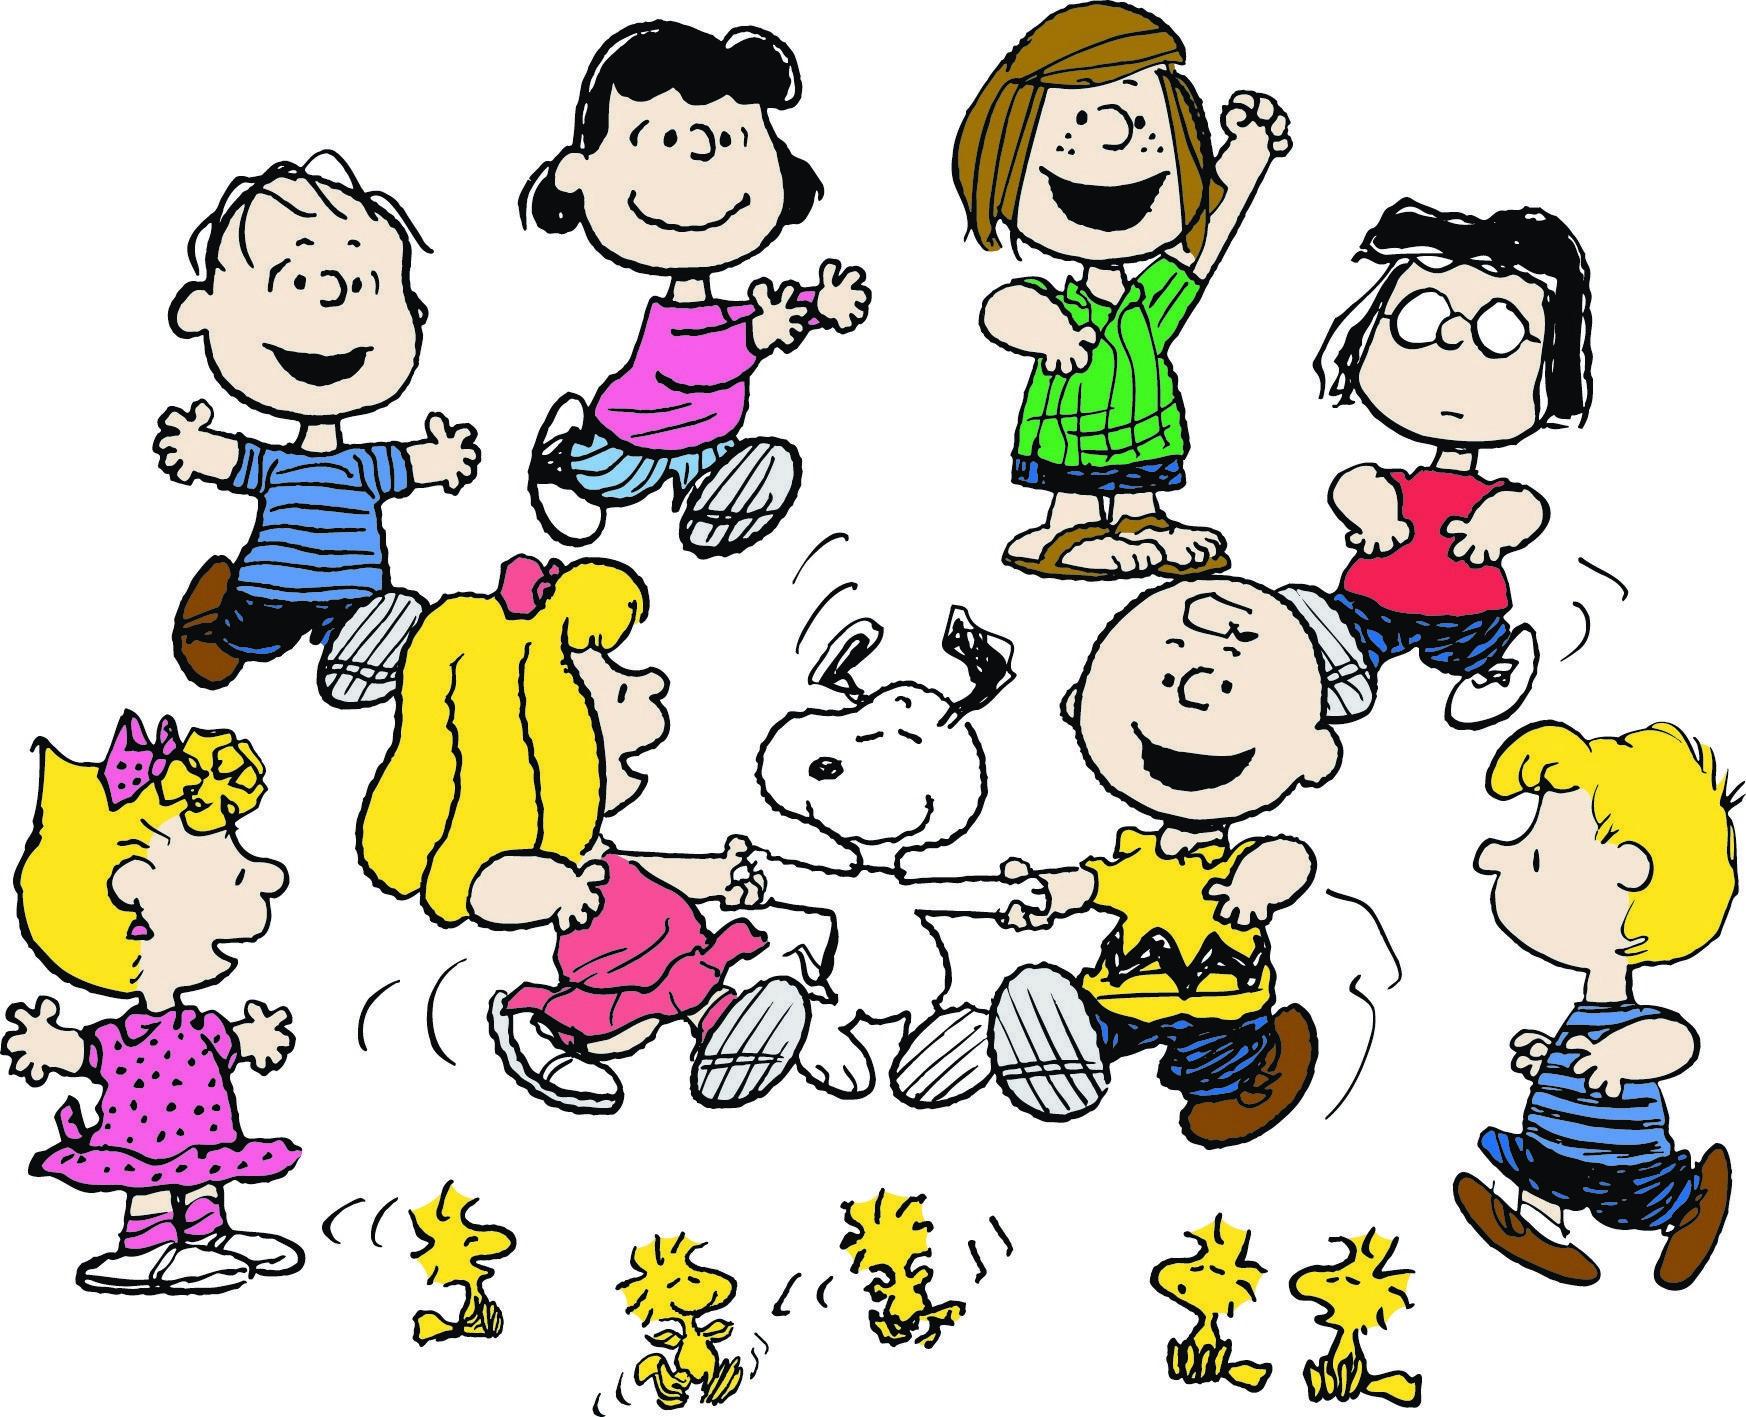 Peanuts Characters Clipart Eebaabccabfaadebb